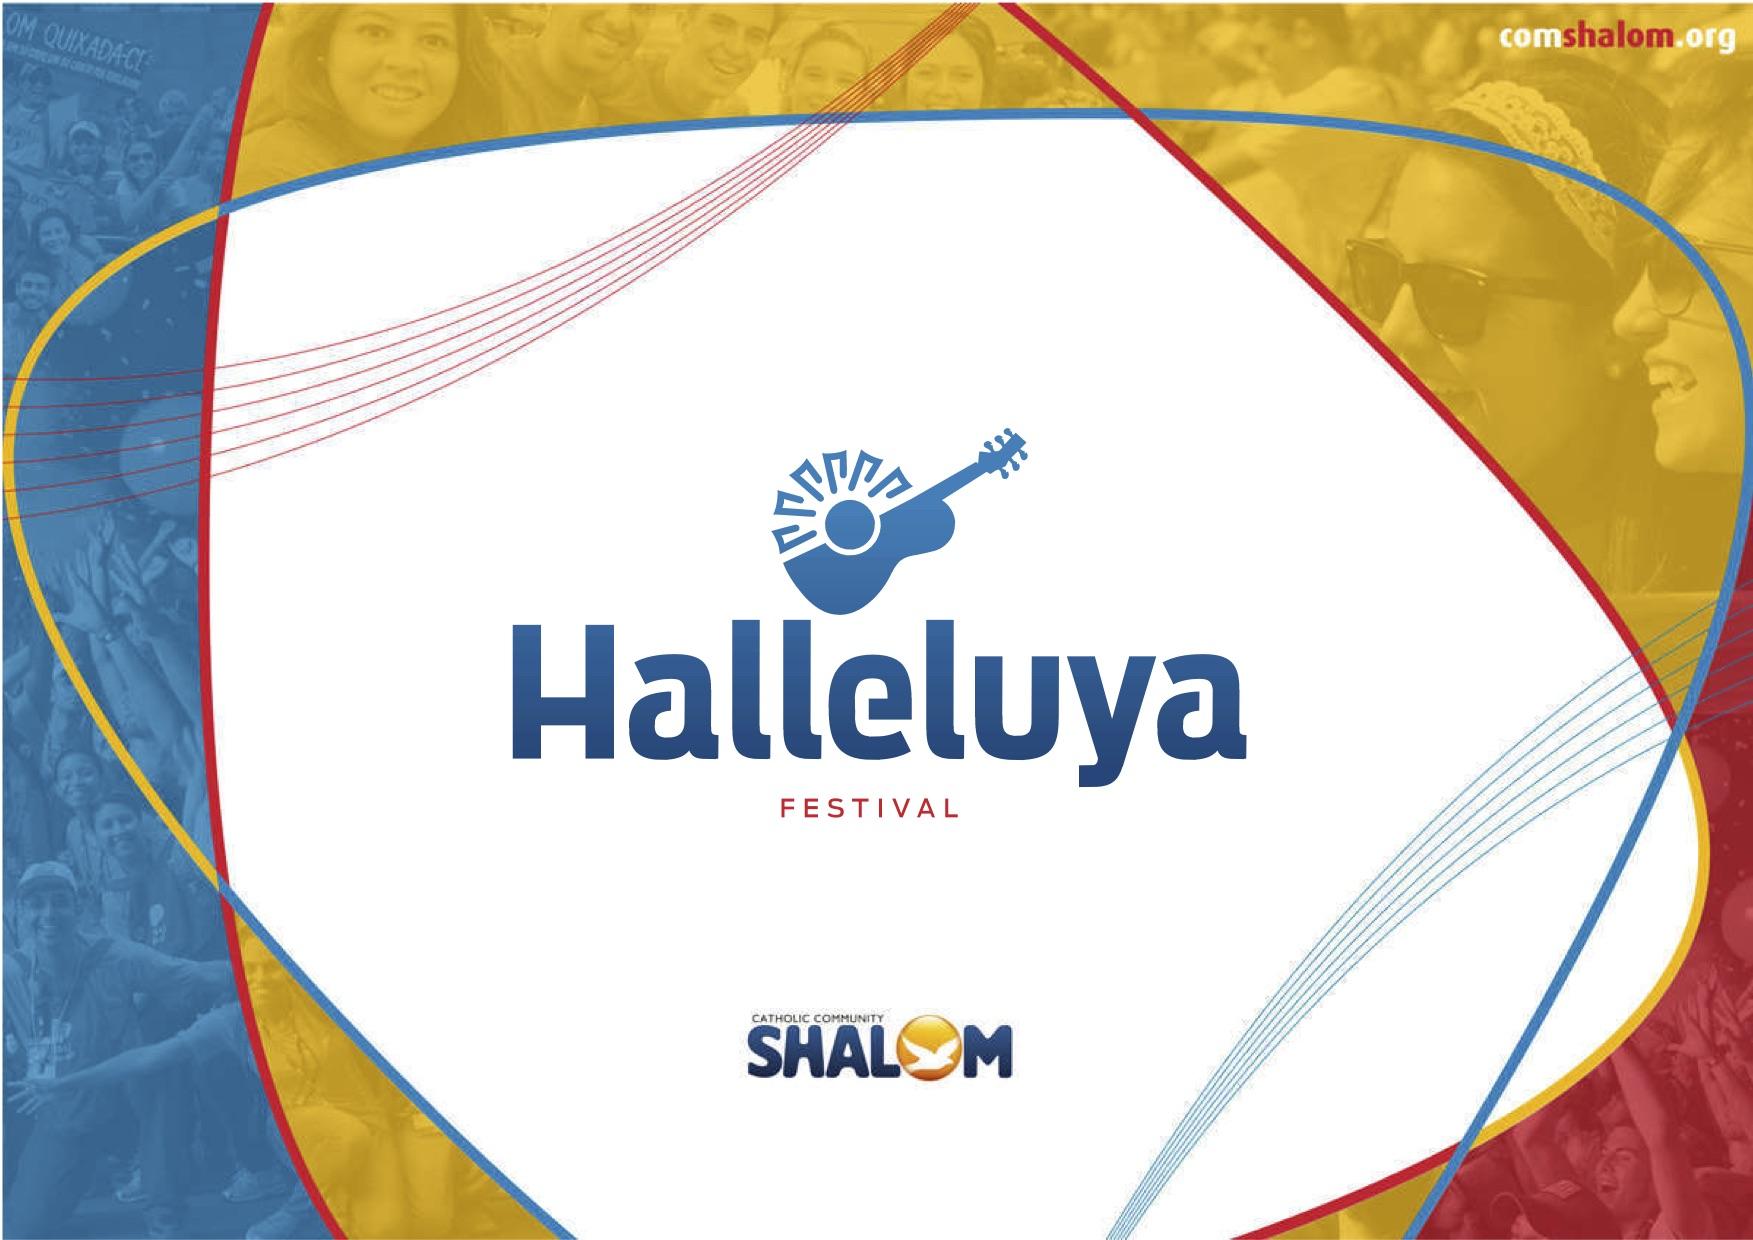 logo Halleluja Festival